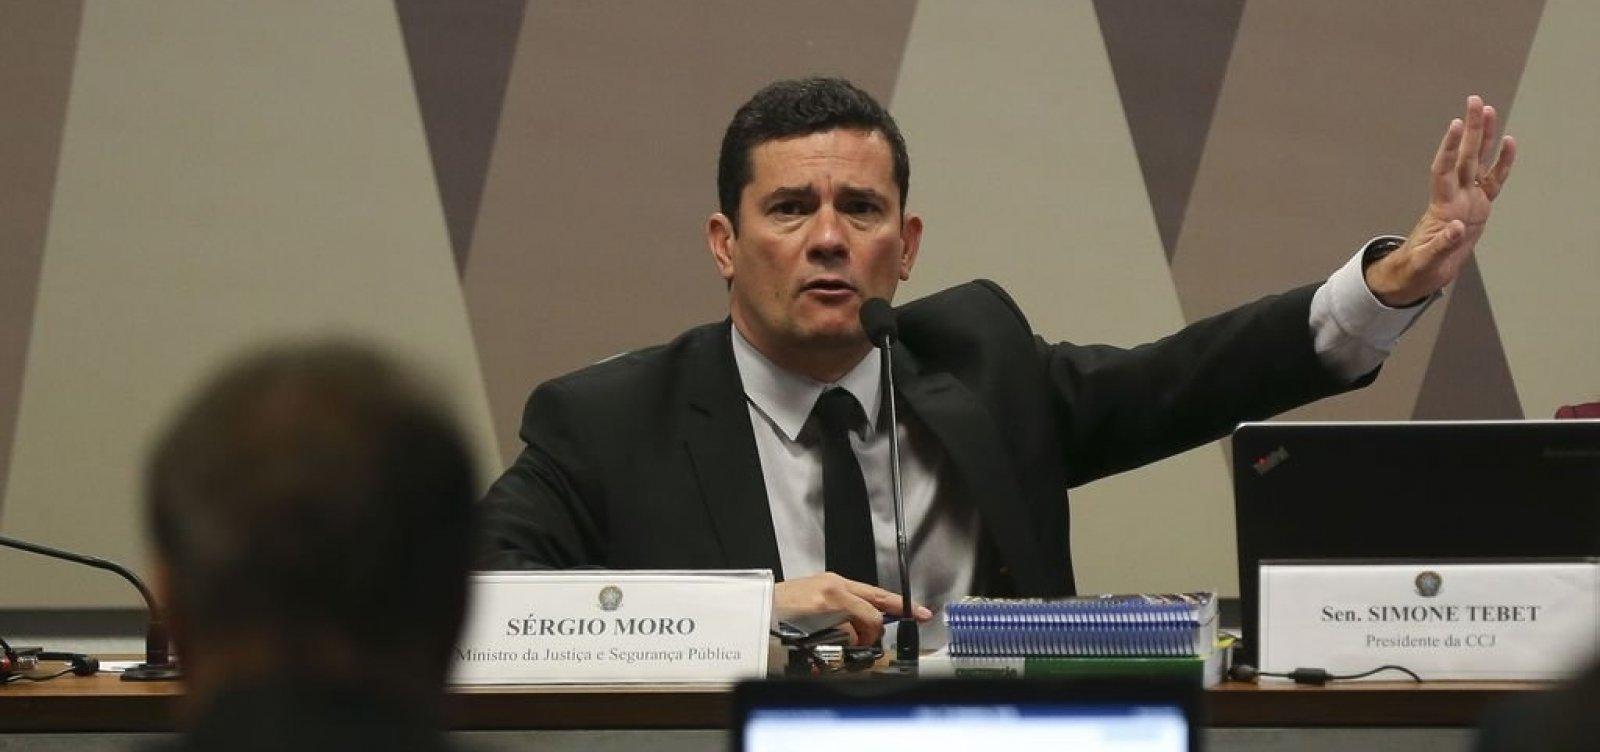 Moro cria plano para reduzir crimes violentos no país